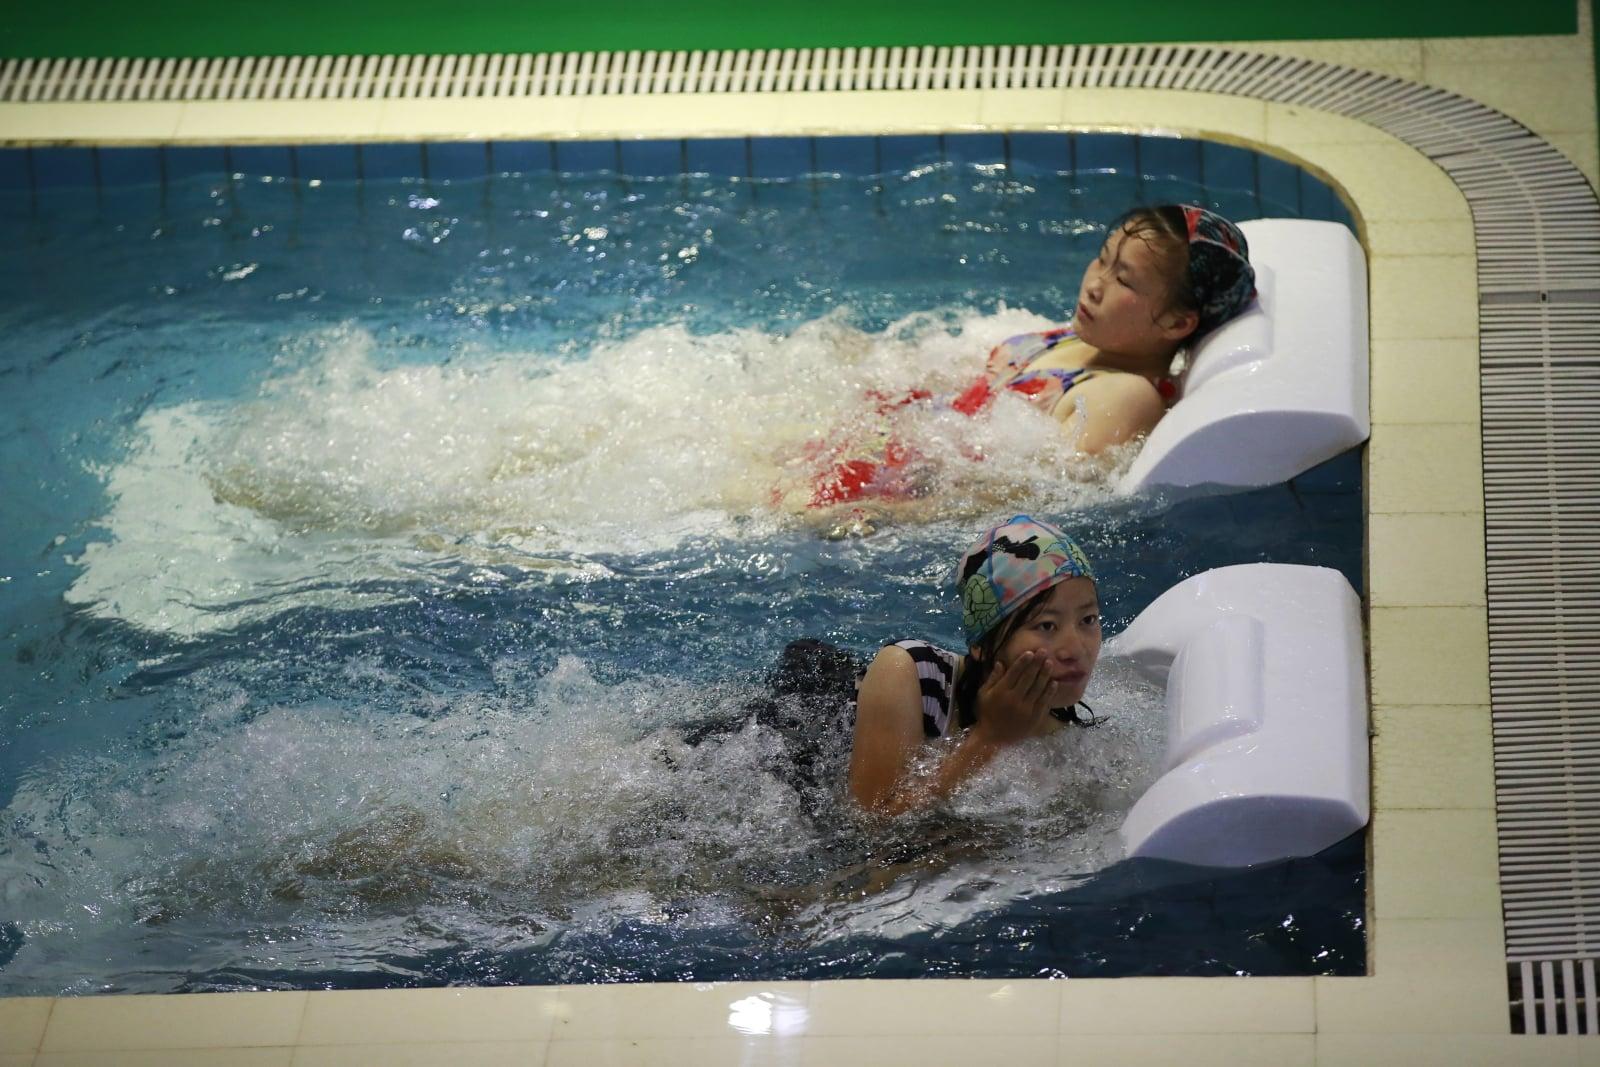 Północnokoreańscy pracownicy fabryki jedwabiu relaksują się w basenie pracowniczym w Pjongjangu. Fot. PAP/EPA/HOW HWEE YOUNG